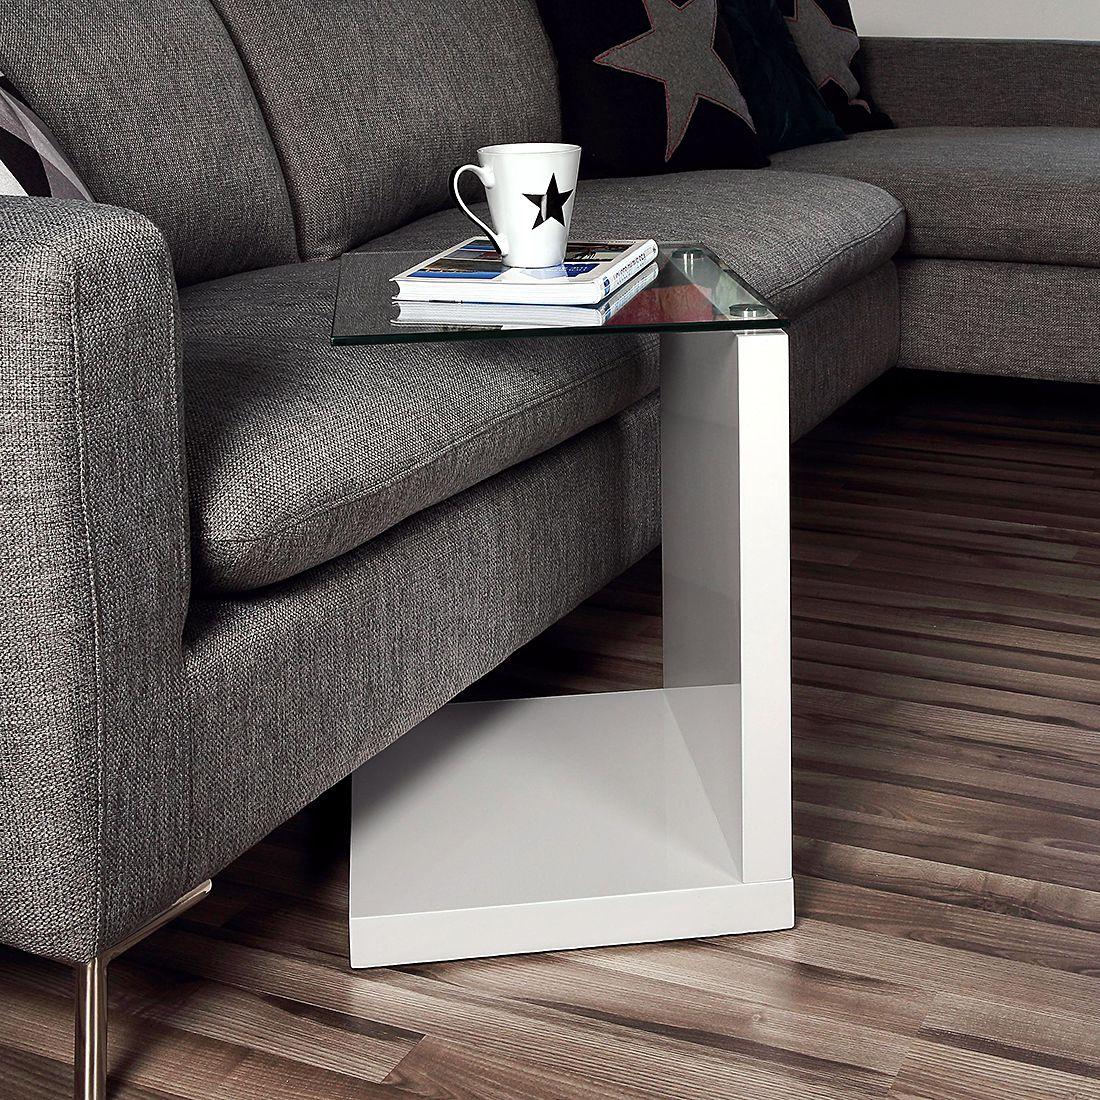 Beistelltisch Sono Hochglanz Weiss Home24 Hochglanz Mobel Beistelltisch Beistelltische Wohnzimmer